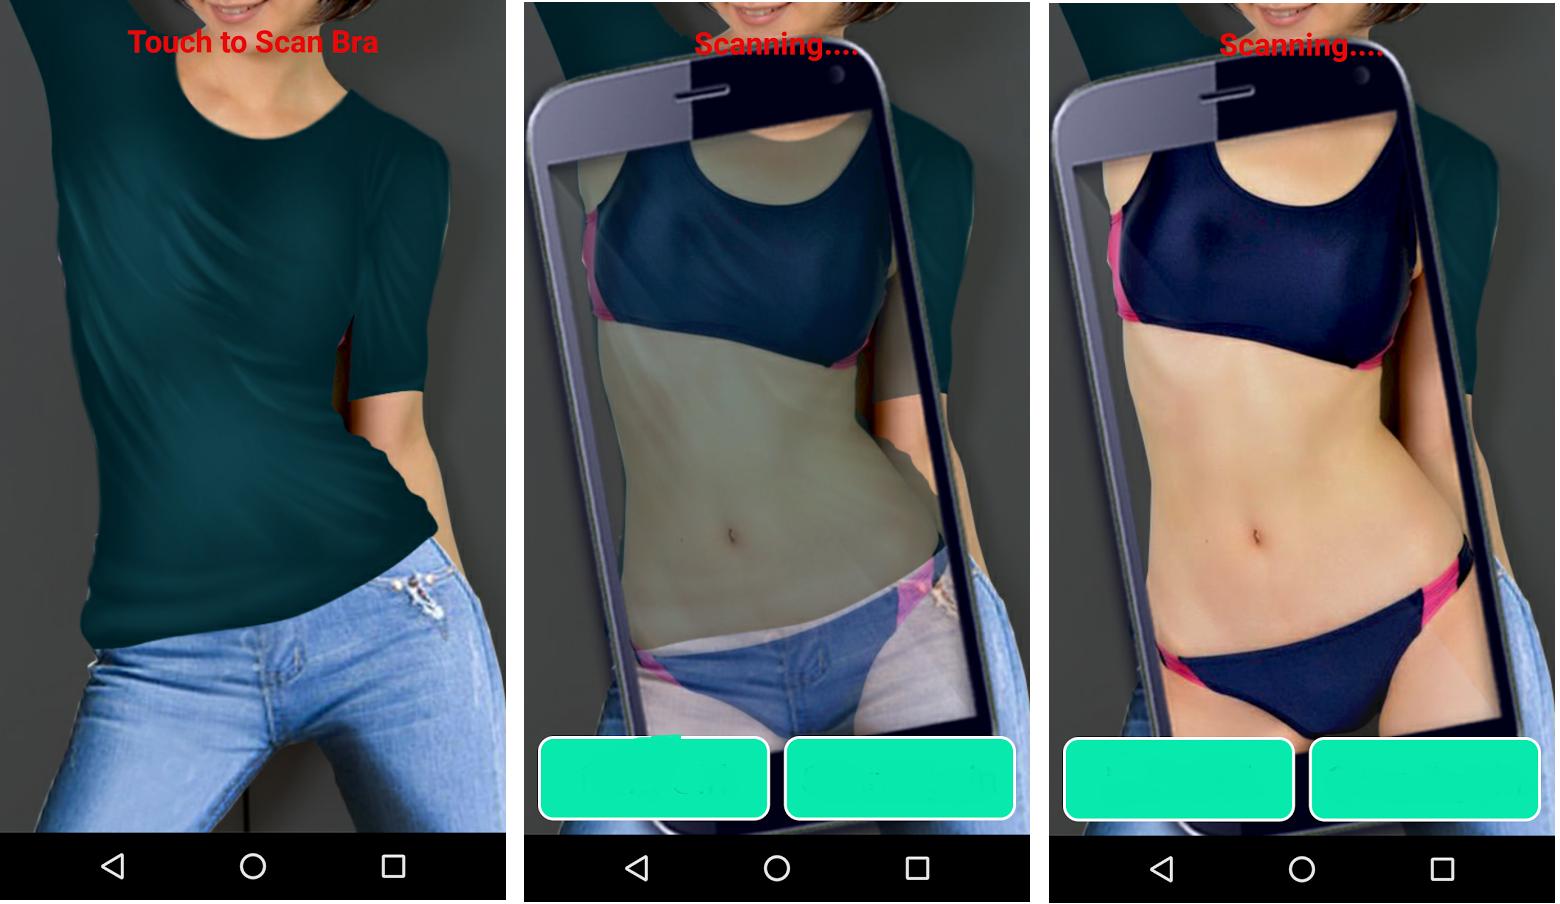 كشف الملابس الداخلية برنامج كاشف الملابس الداخلية يمكنك من كشف الملابس الداخلية للنساء و الفتيات و ذلك بإستعمال كاميرا جوالك الأندرويد لكش Tops Crop Tops Women